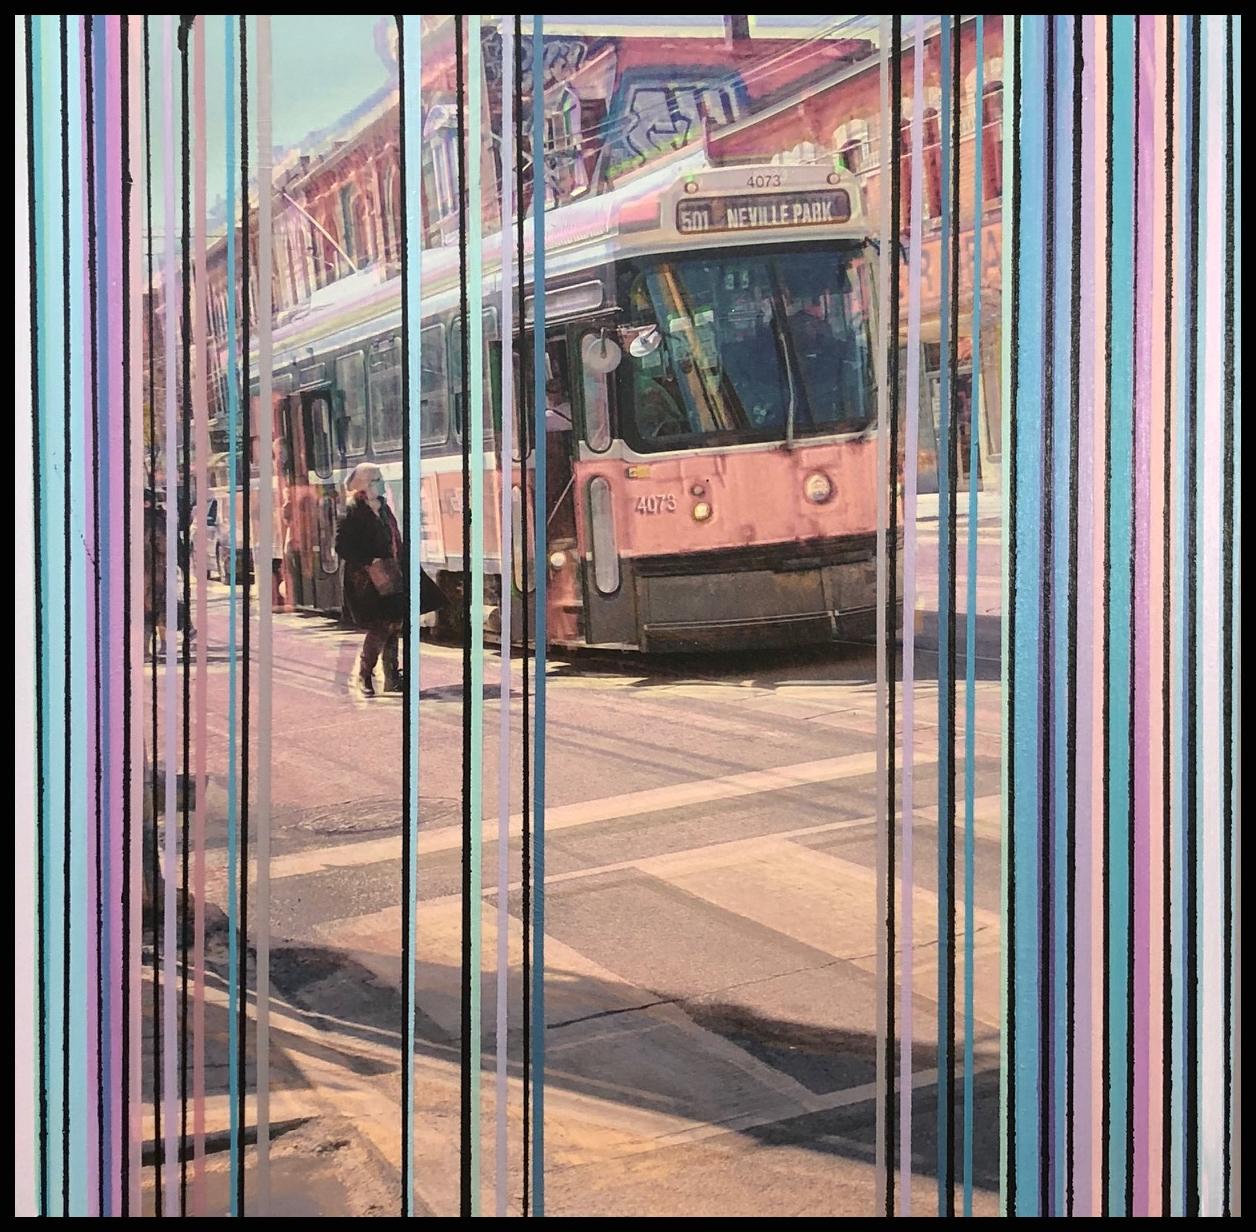 My City: 302 by Jamie MacRae